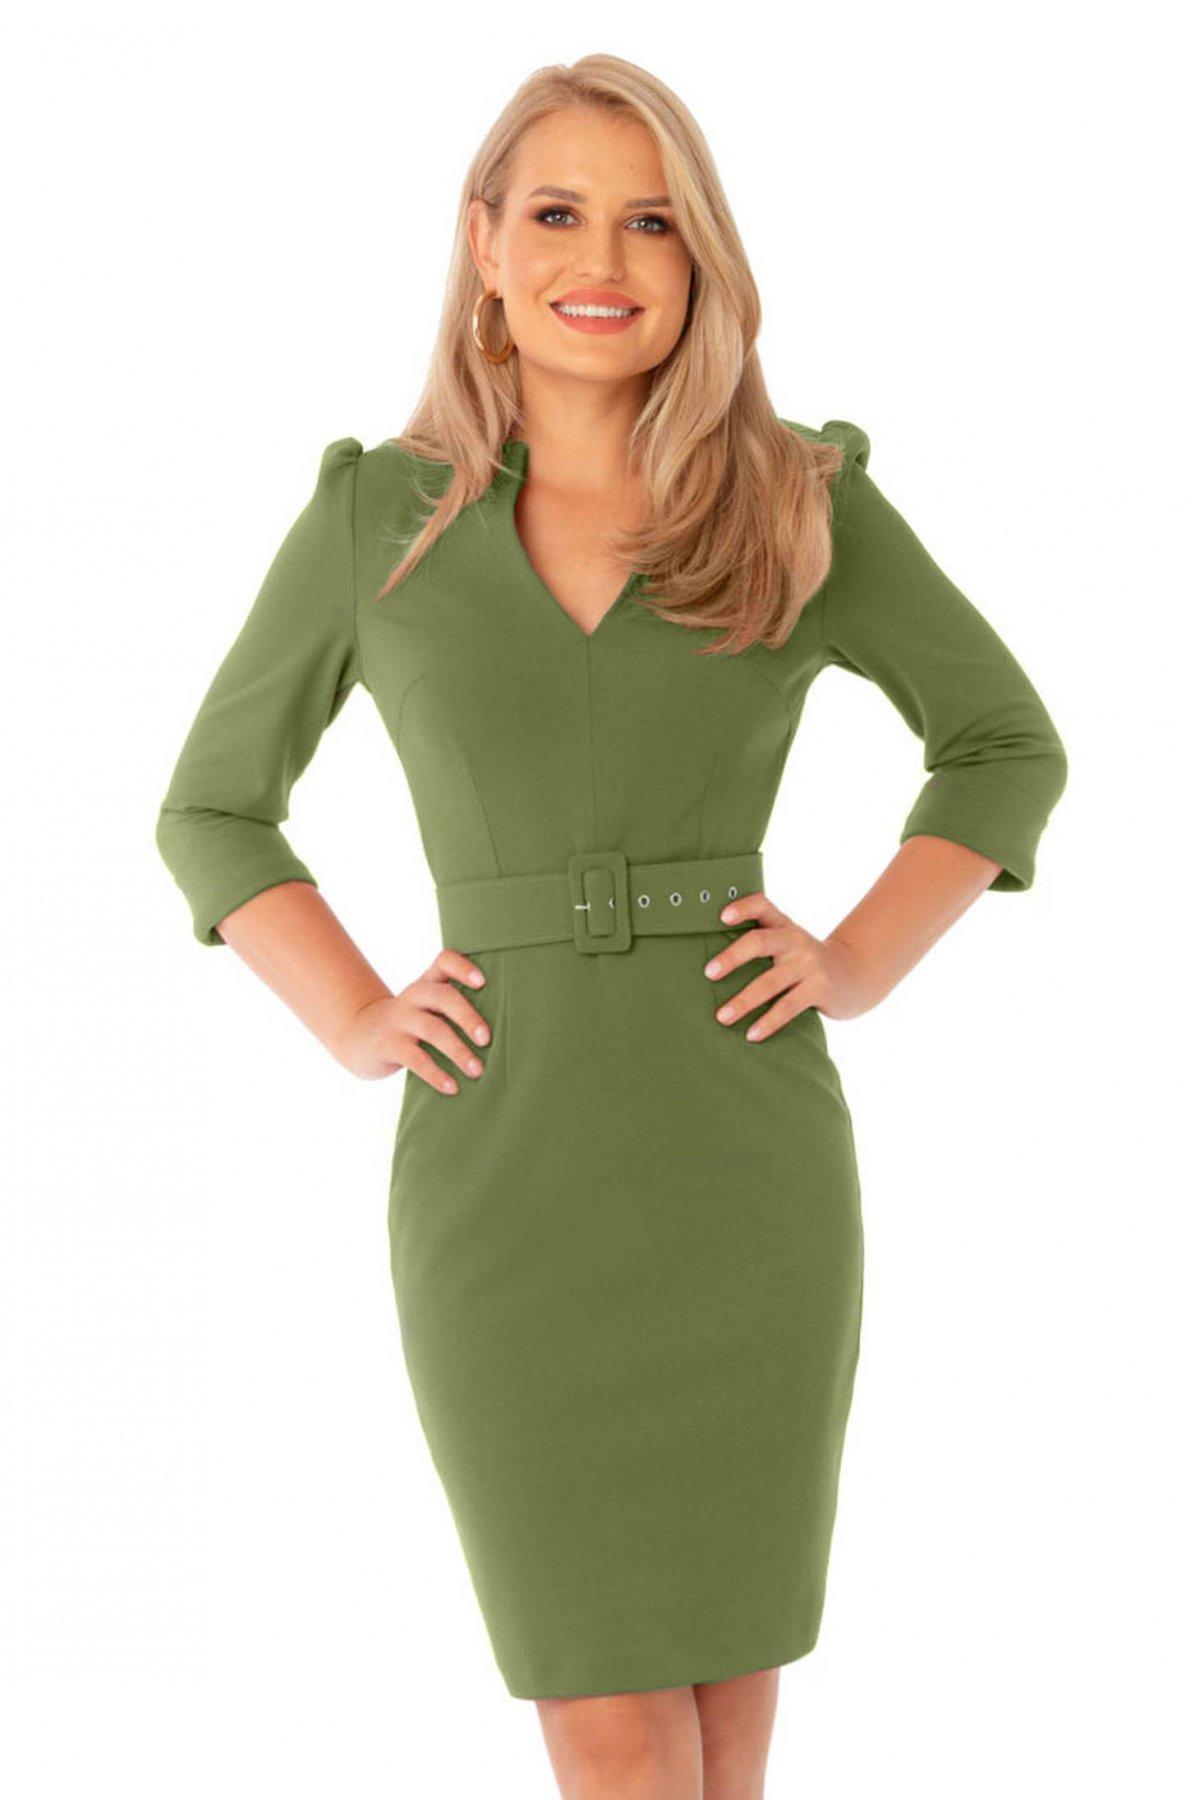 Rochie PrettyGirl verde office midi tip creion cu decolteu in v cu accesoriu tip curea PrettyGirl